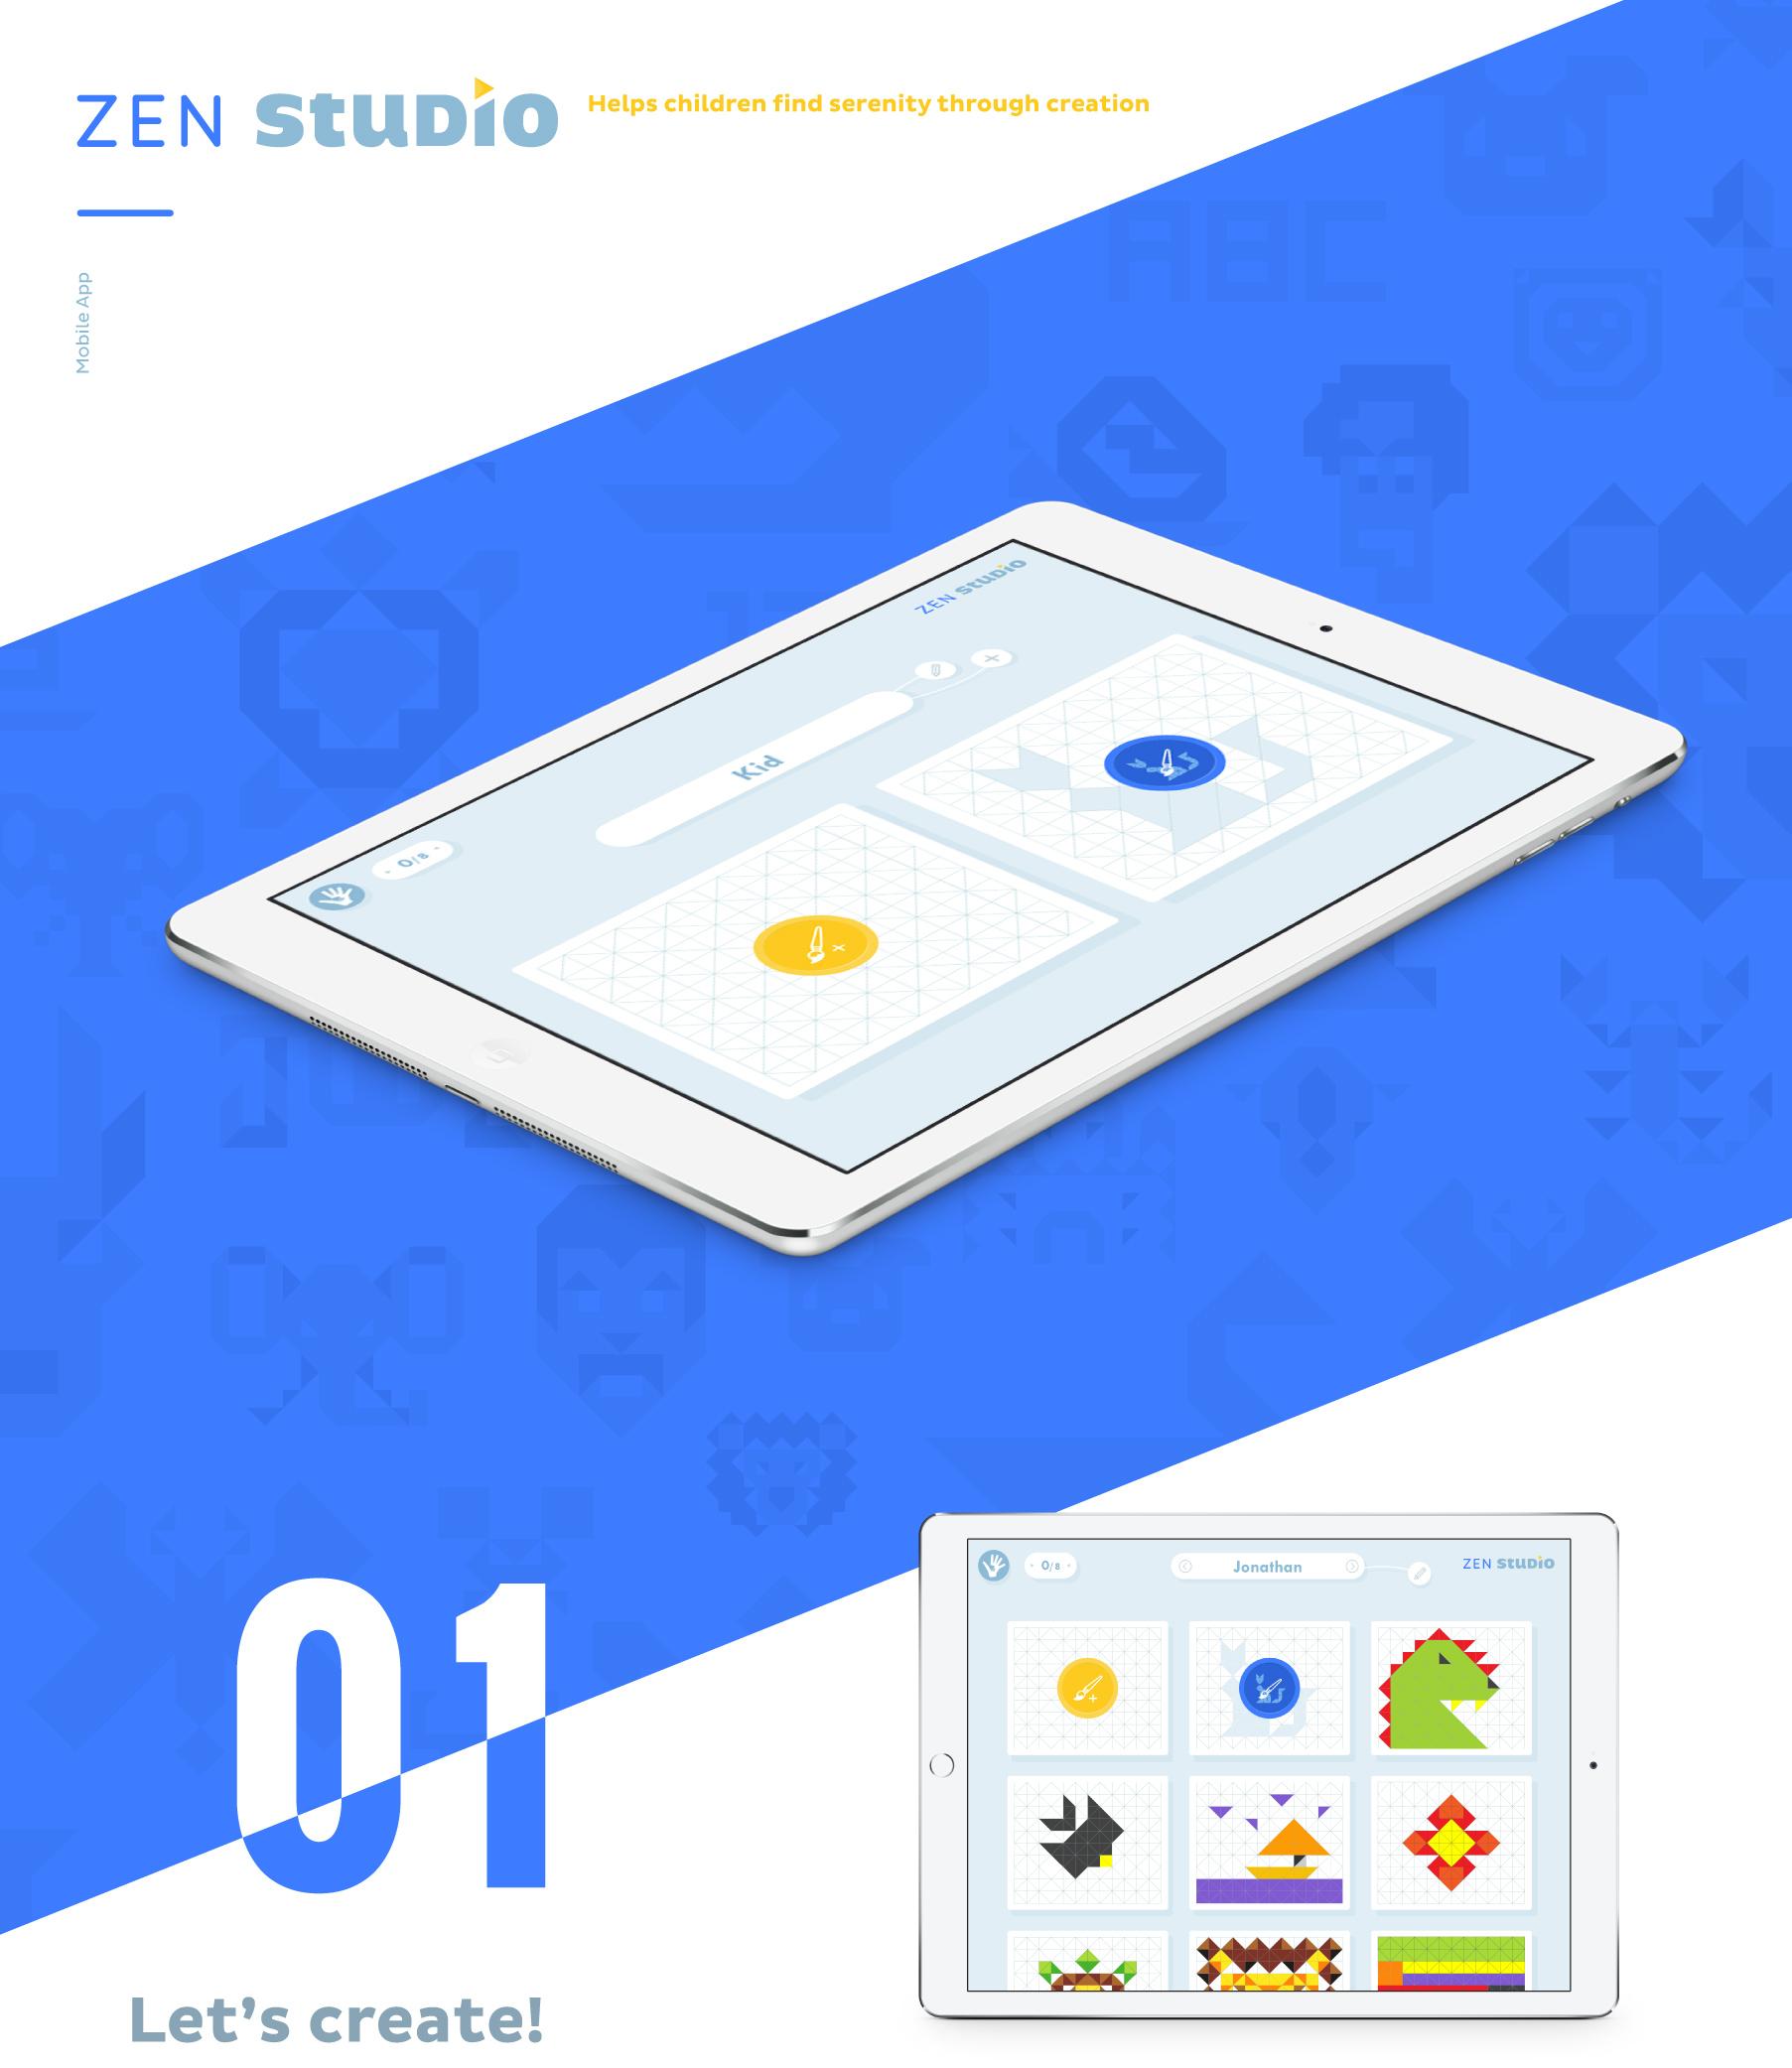 Milimade Zen Studio Edoki App